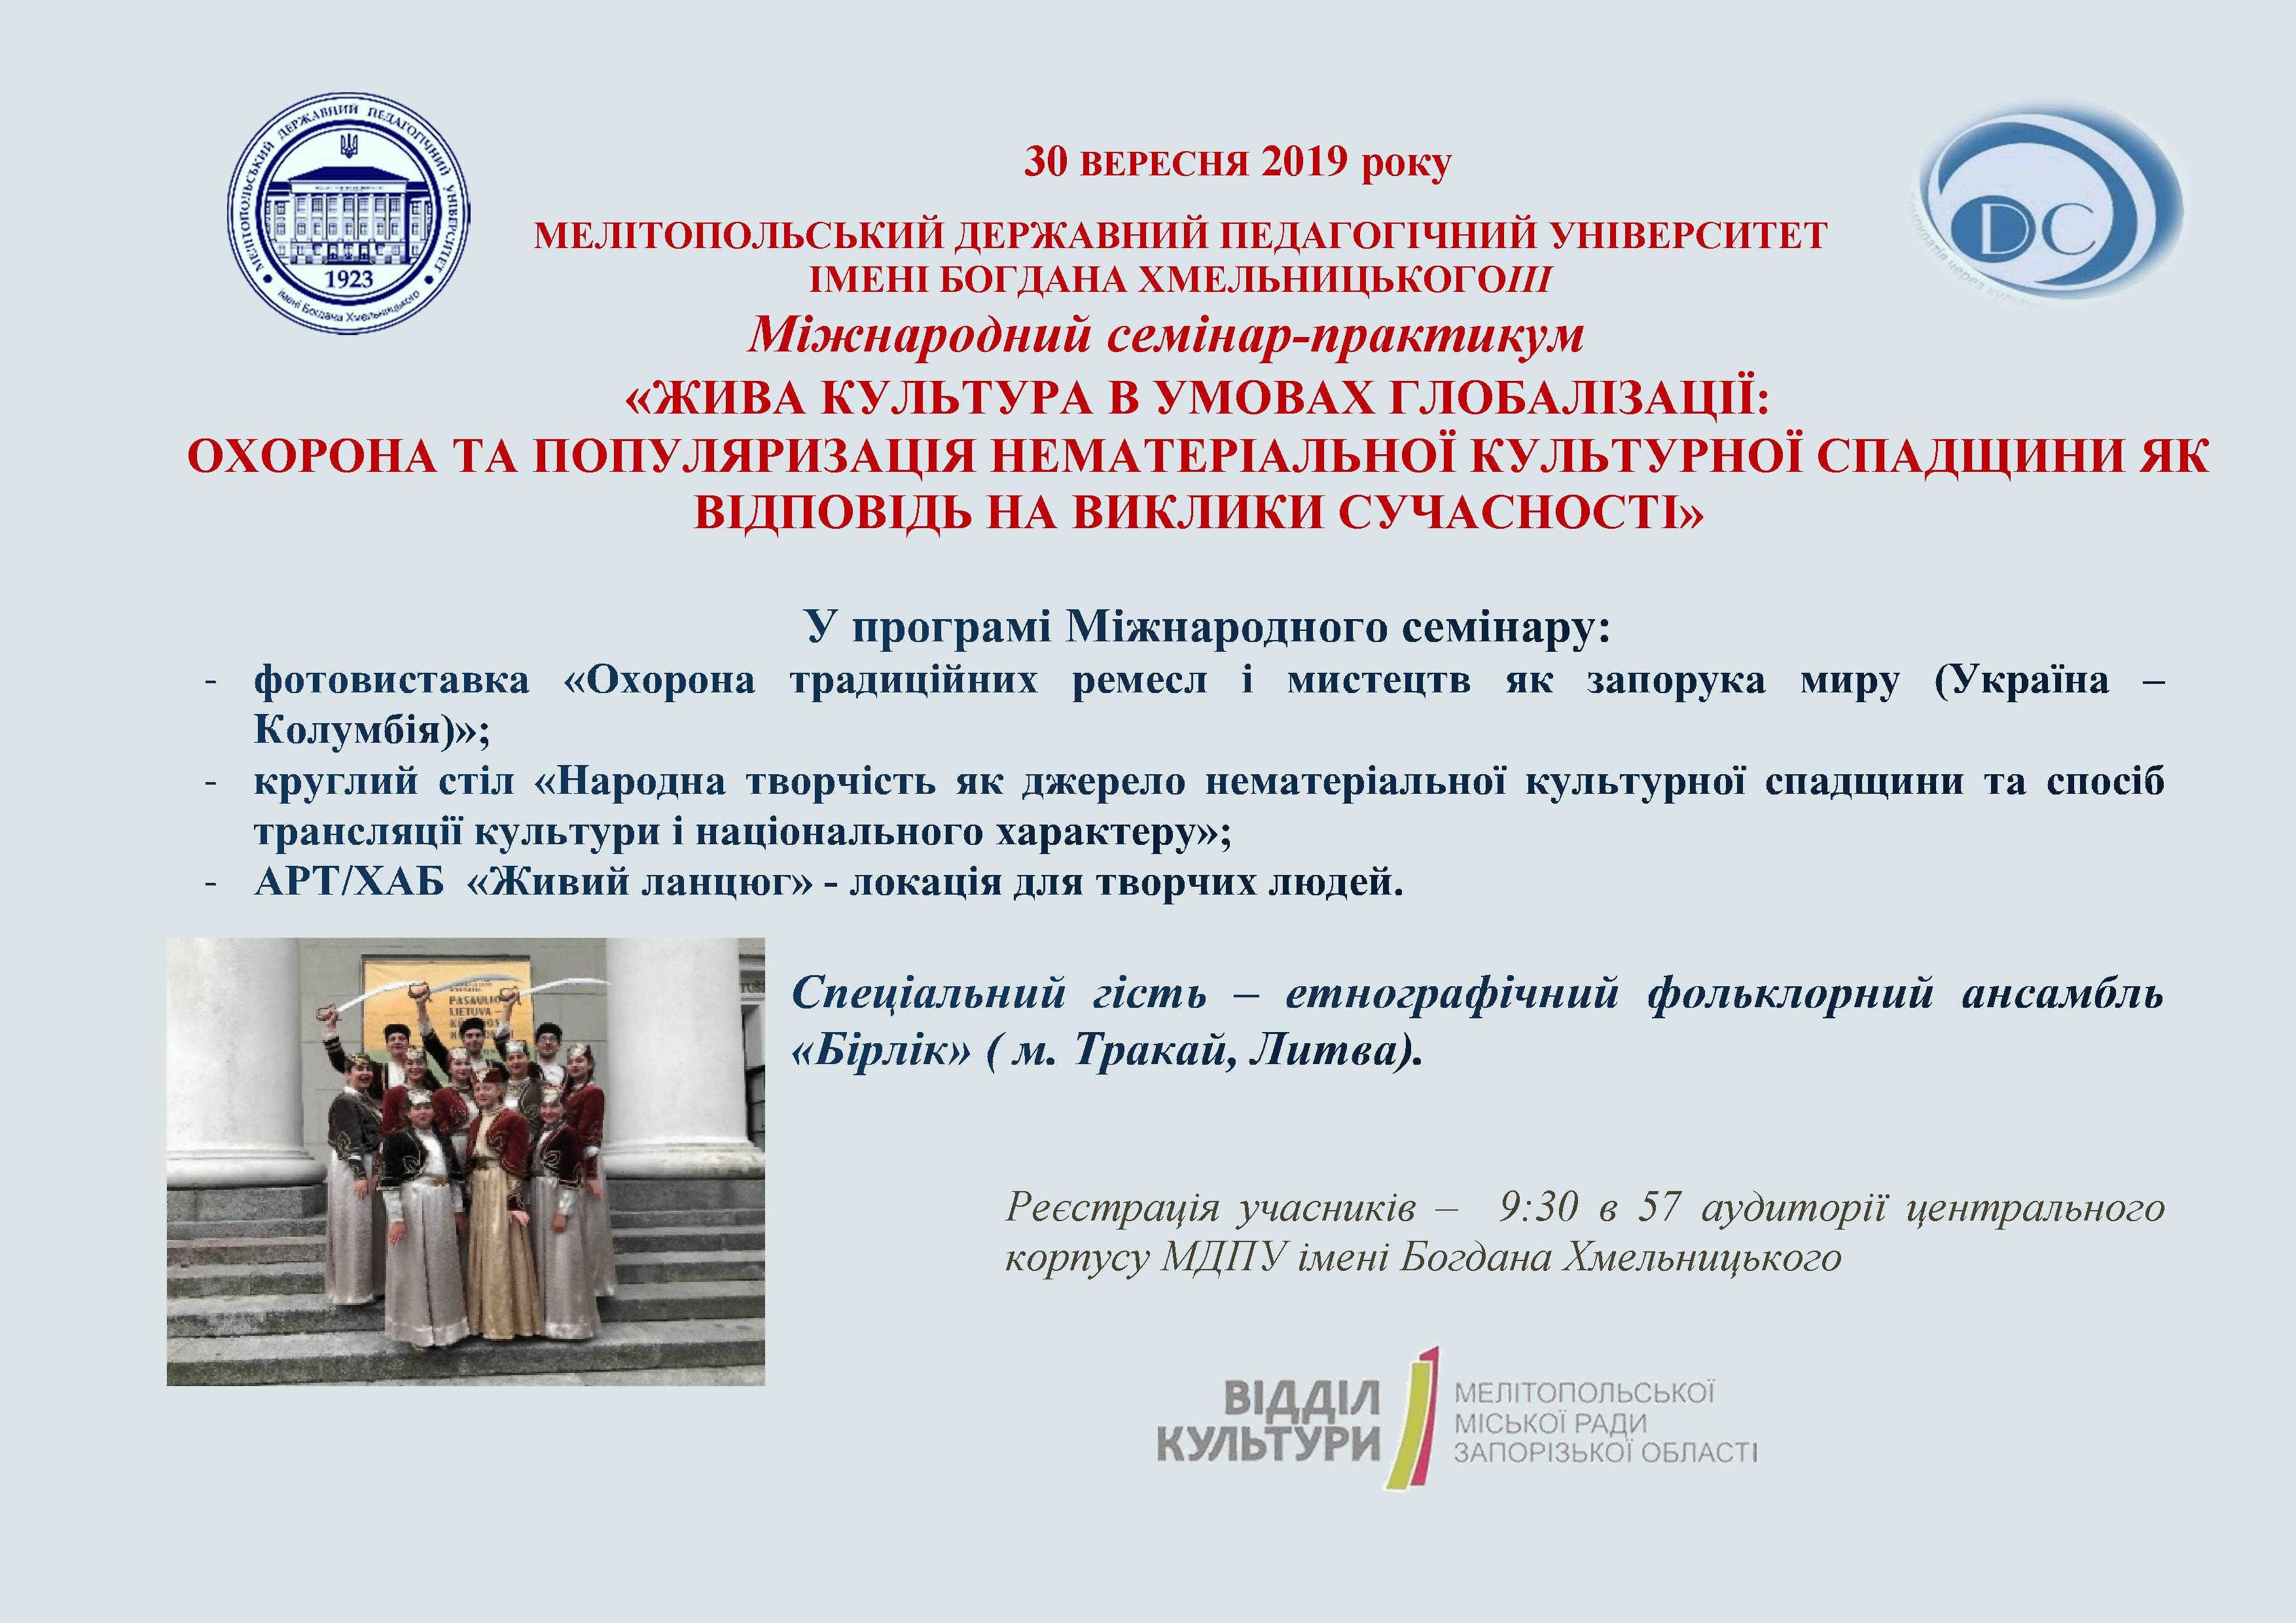 Запрошуємо взяти участь у Міжнародному семінарі-практикумі!